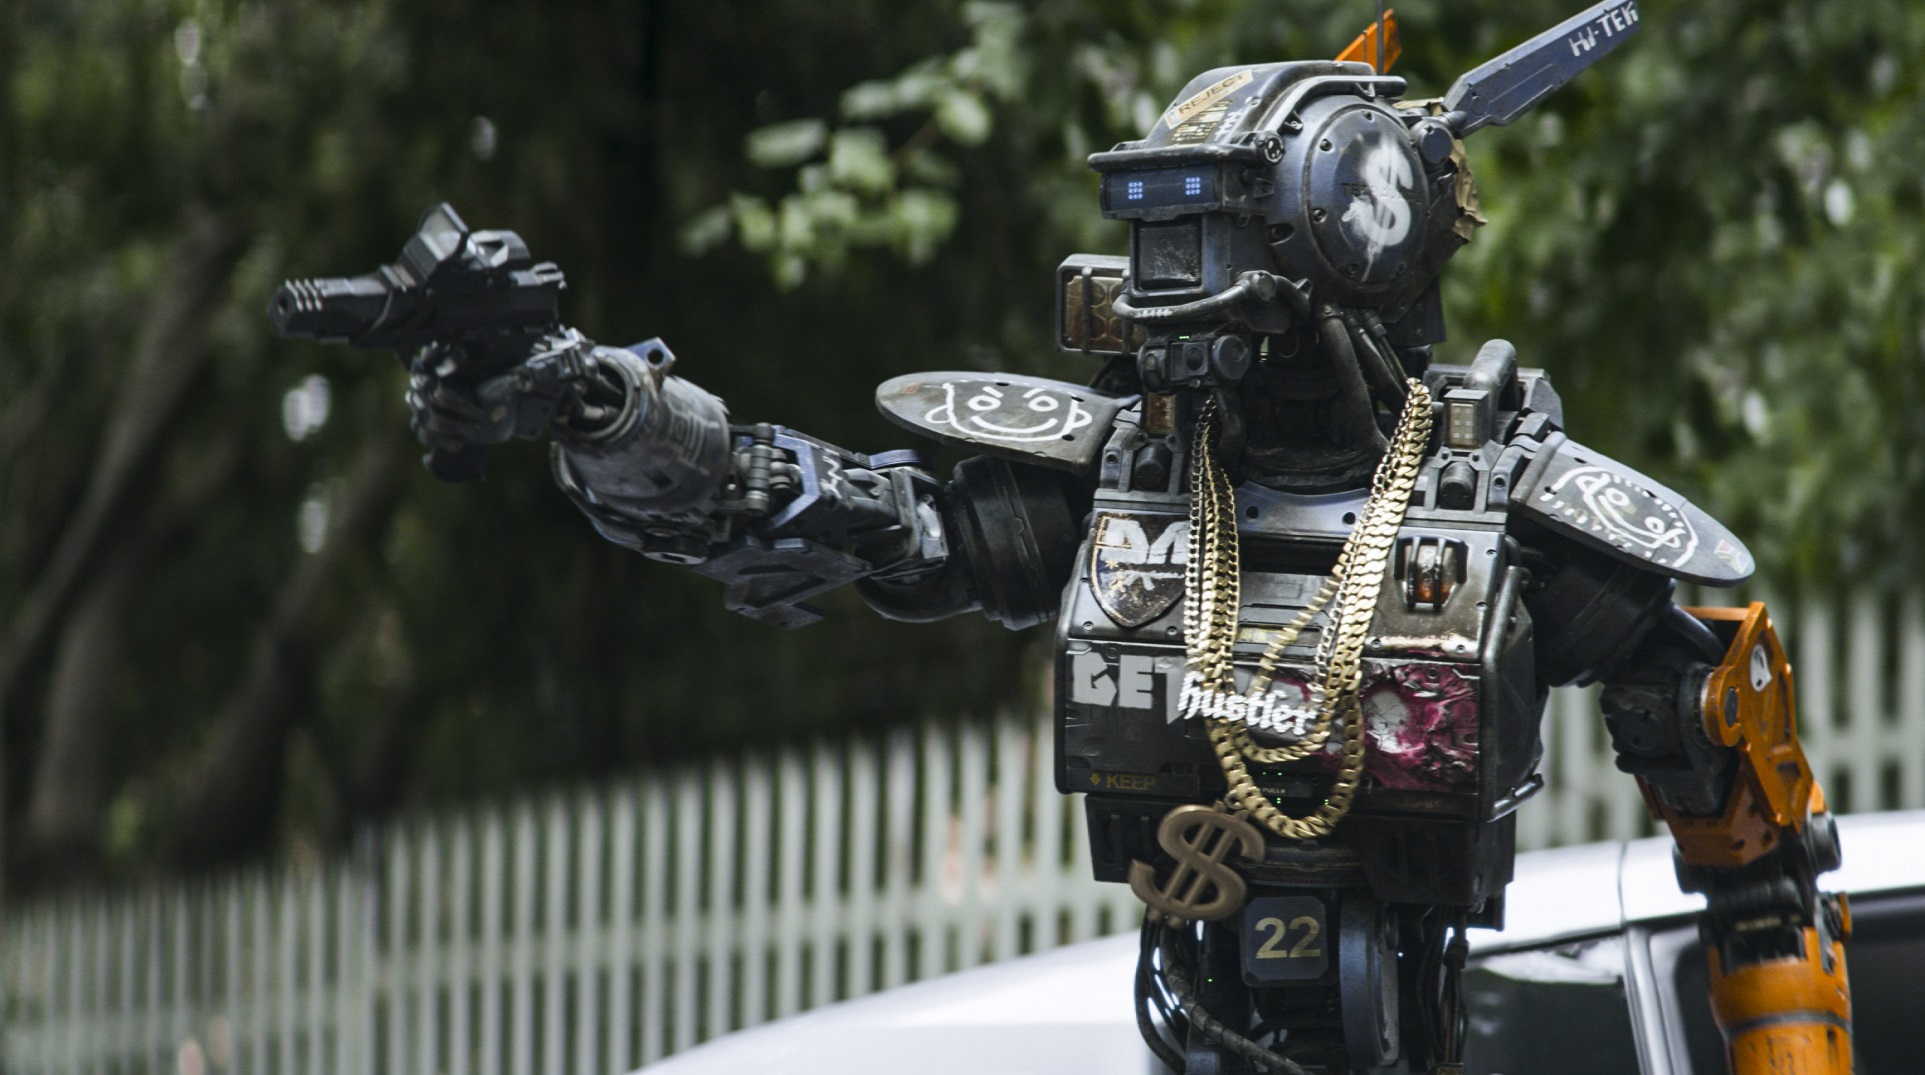 Estos robots en segway servirán como patrullas urbanas de policía